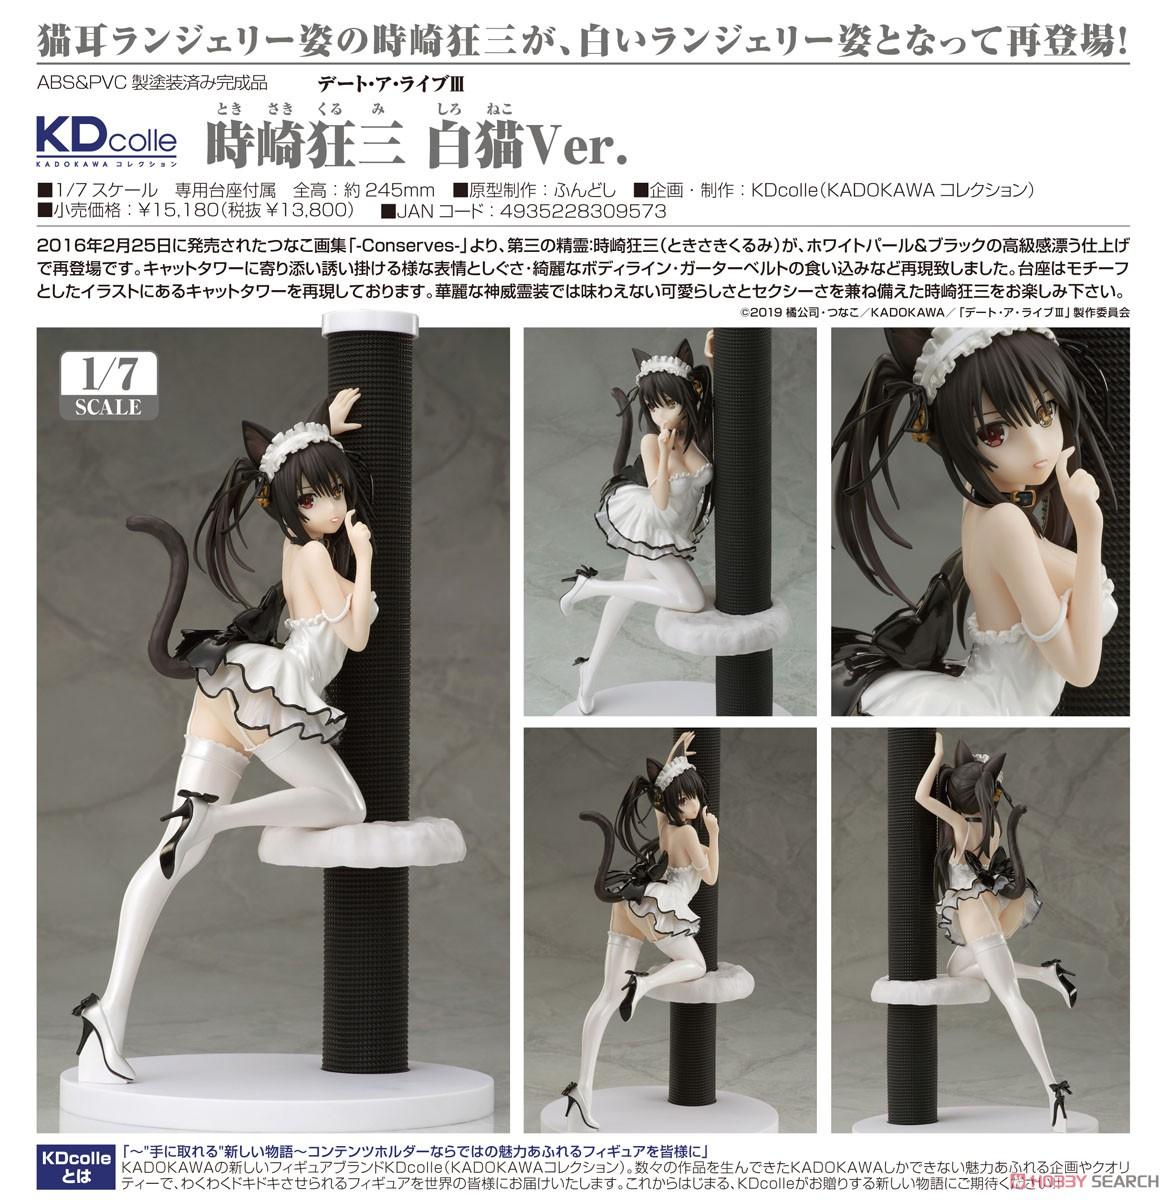 KDcolle『時崎狂三 白猫Ver.』デート・ア・ライブIII 1/7 完成品フィギュア-008